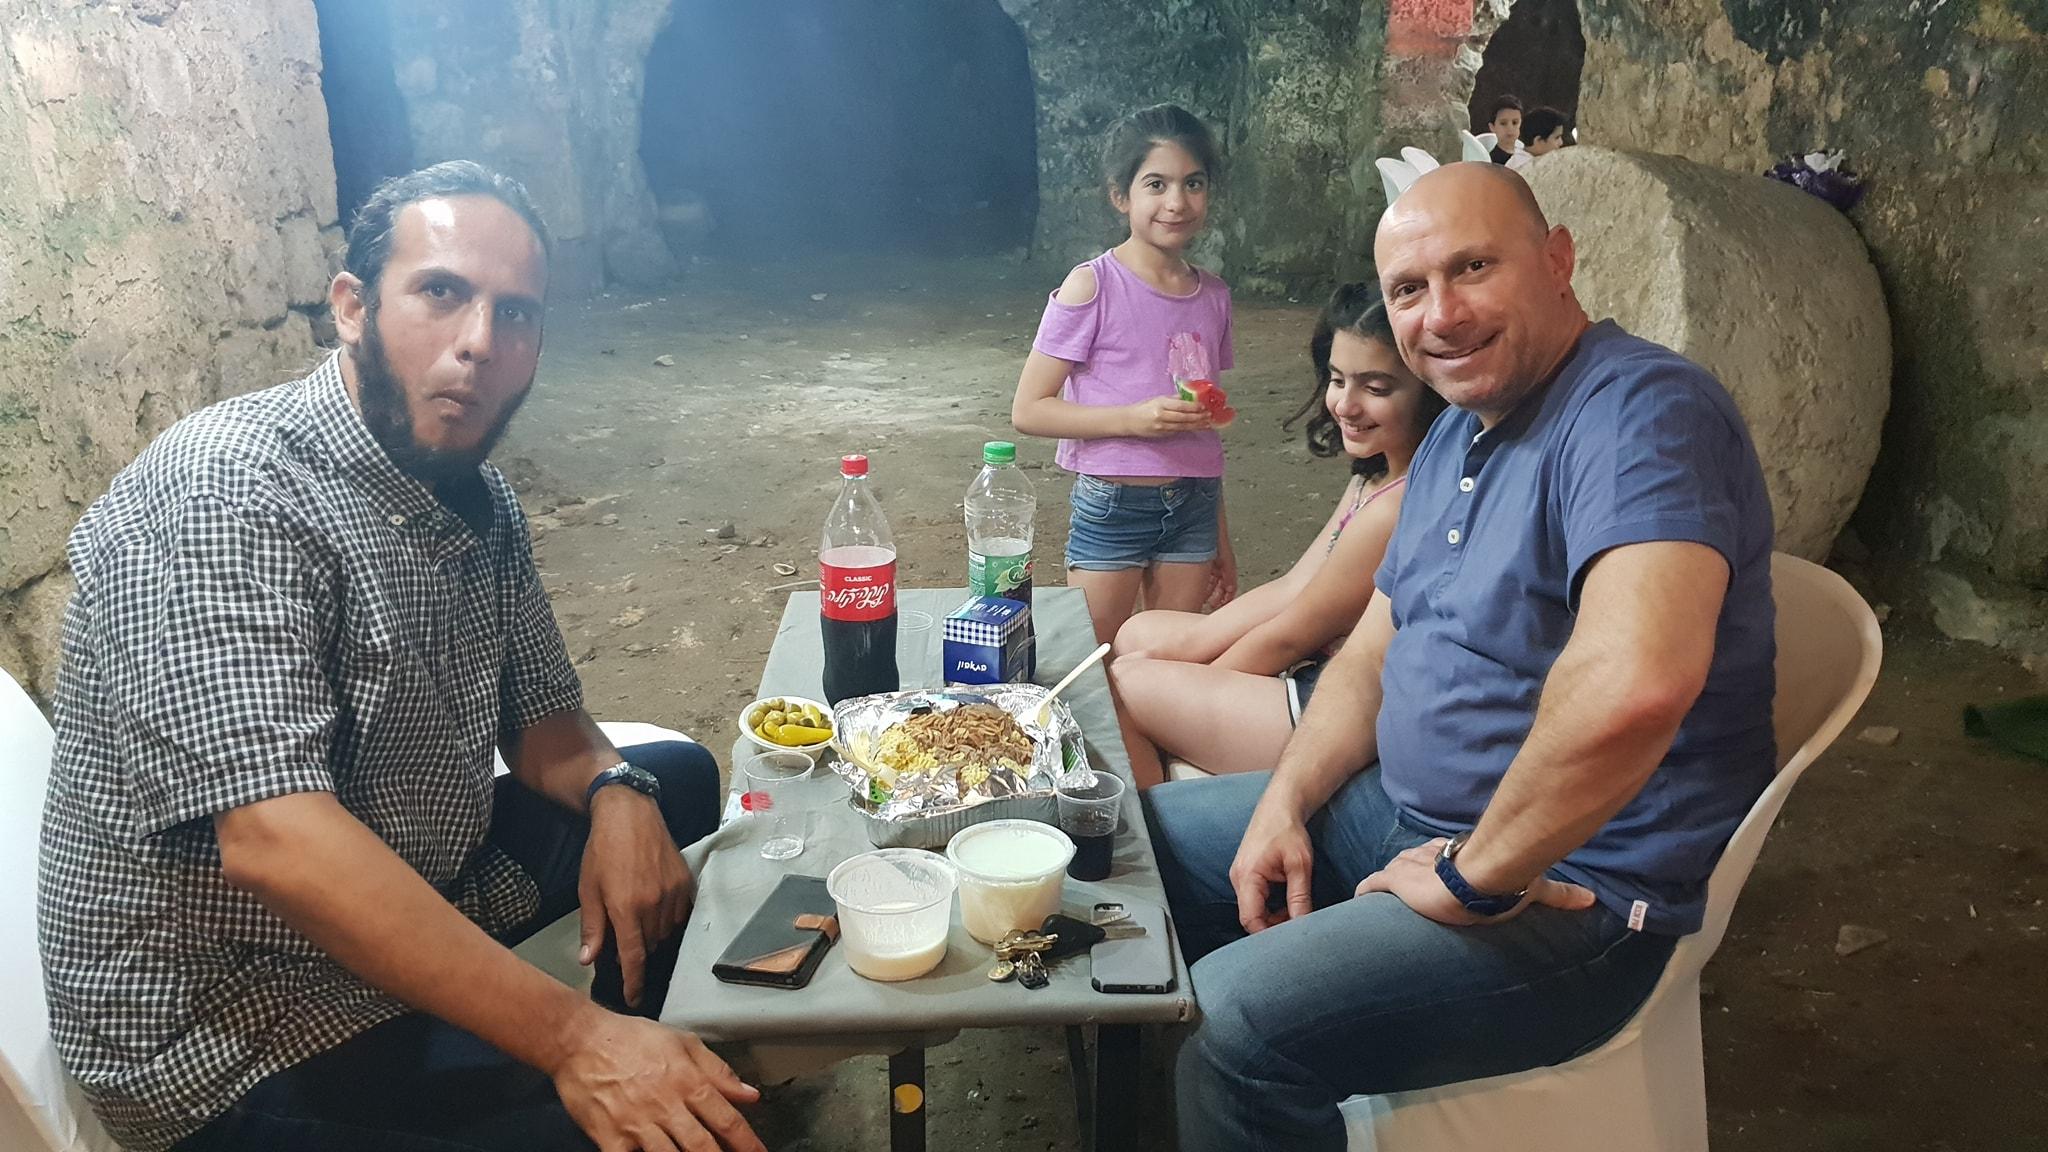 فيديو: افطار جماعي شبابي مميز في معالم اثرية بمدينة اللد